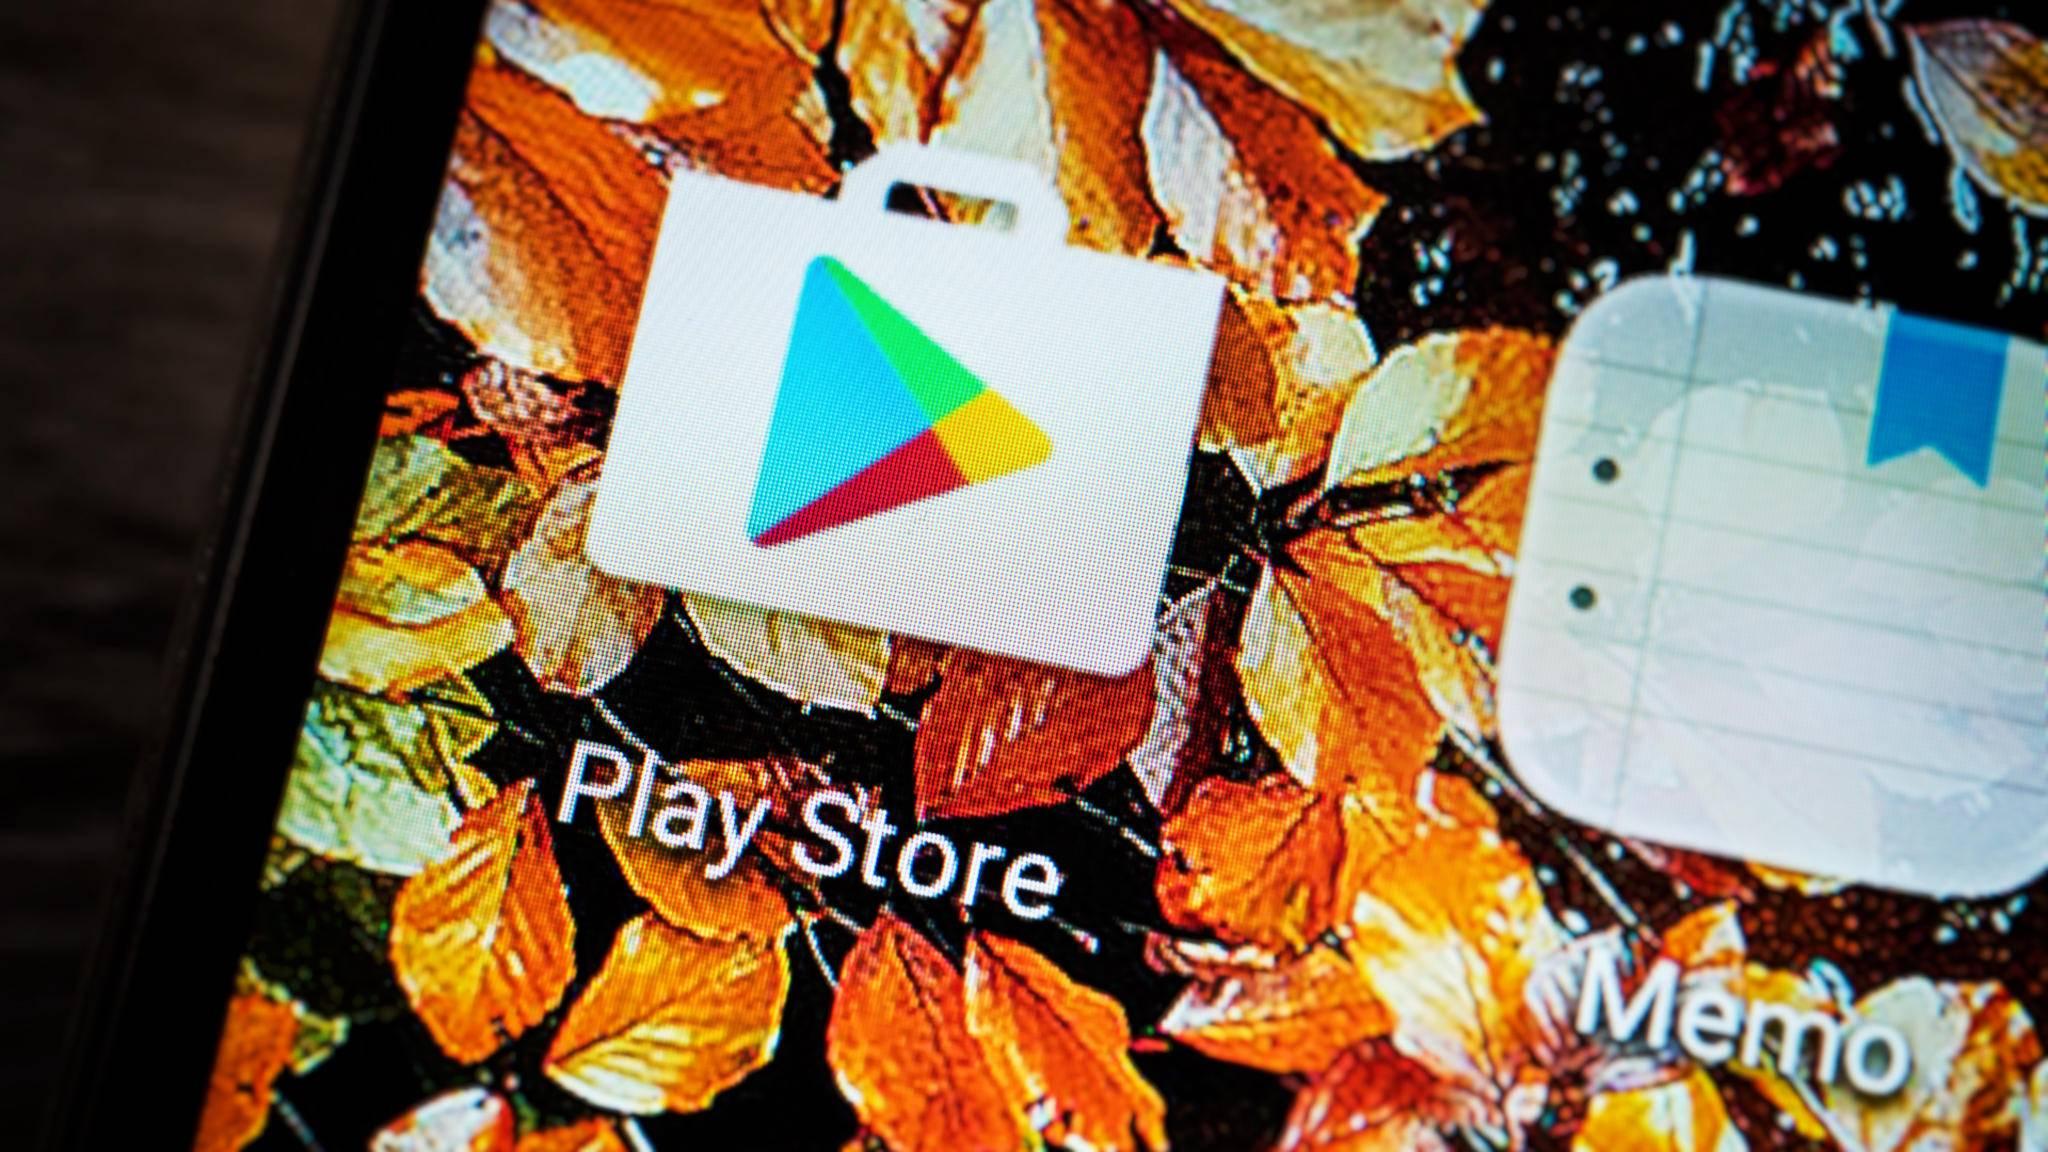 Bei einer Fehlermeldung im Google Play Store musst Du die Flinte nicht gleich ins Korn werfen. Wir haben die passende Lösung für Dich.